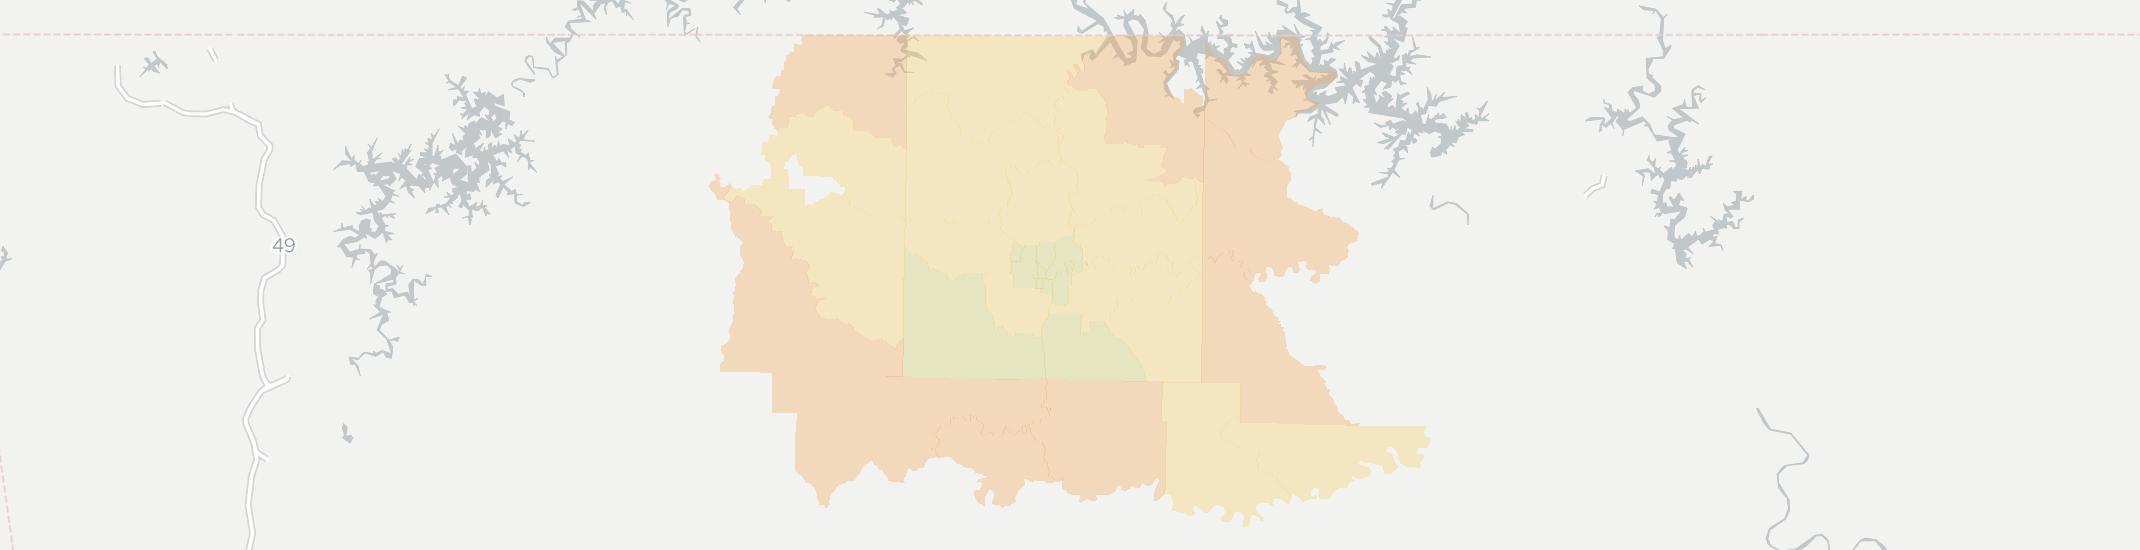 Internet Providers in Harrison, AR: Compare 9 Providers